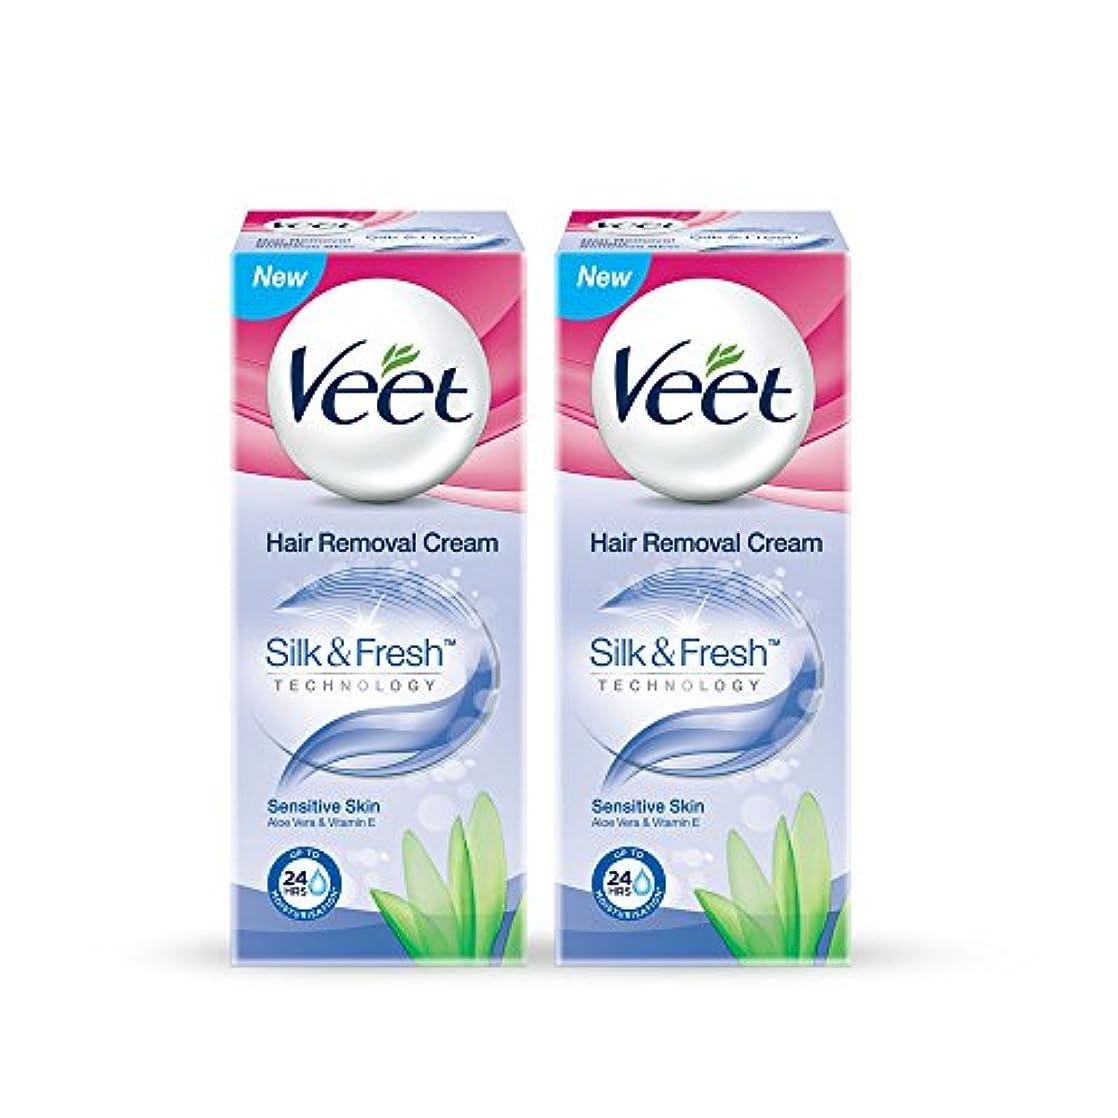 ハント広告する活気づけるVeet Hair Removal Gel Cream For Sensitive Skin With Aloe Vera and Vitamin E 25 g (Pack of 2)